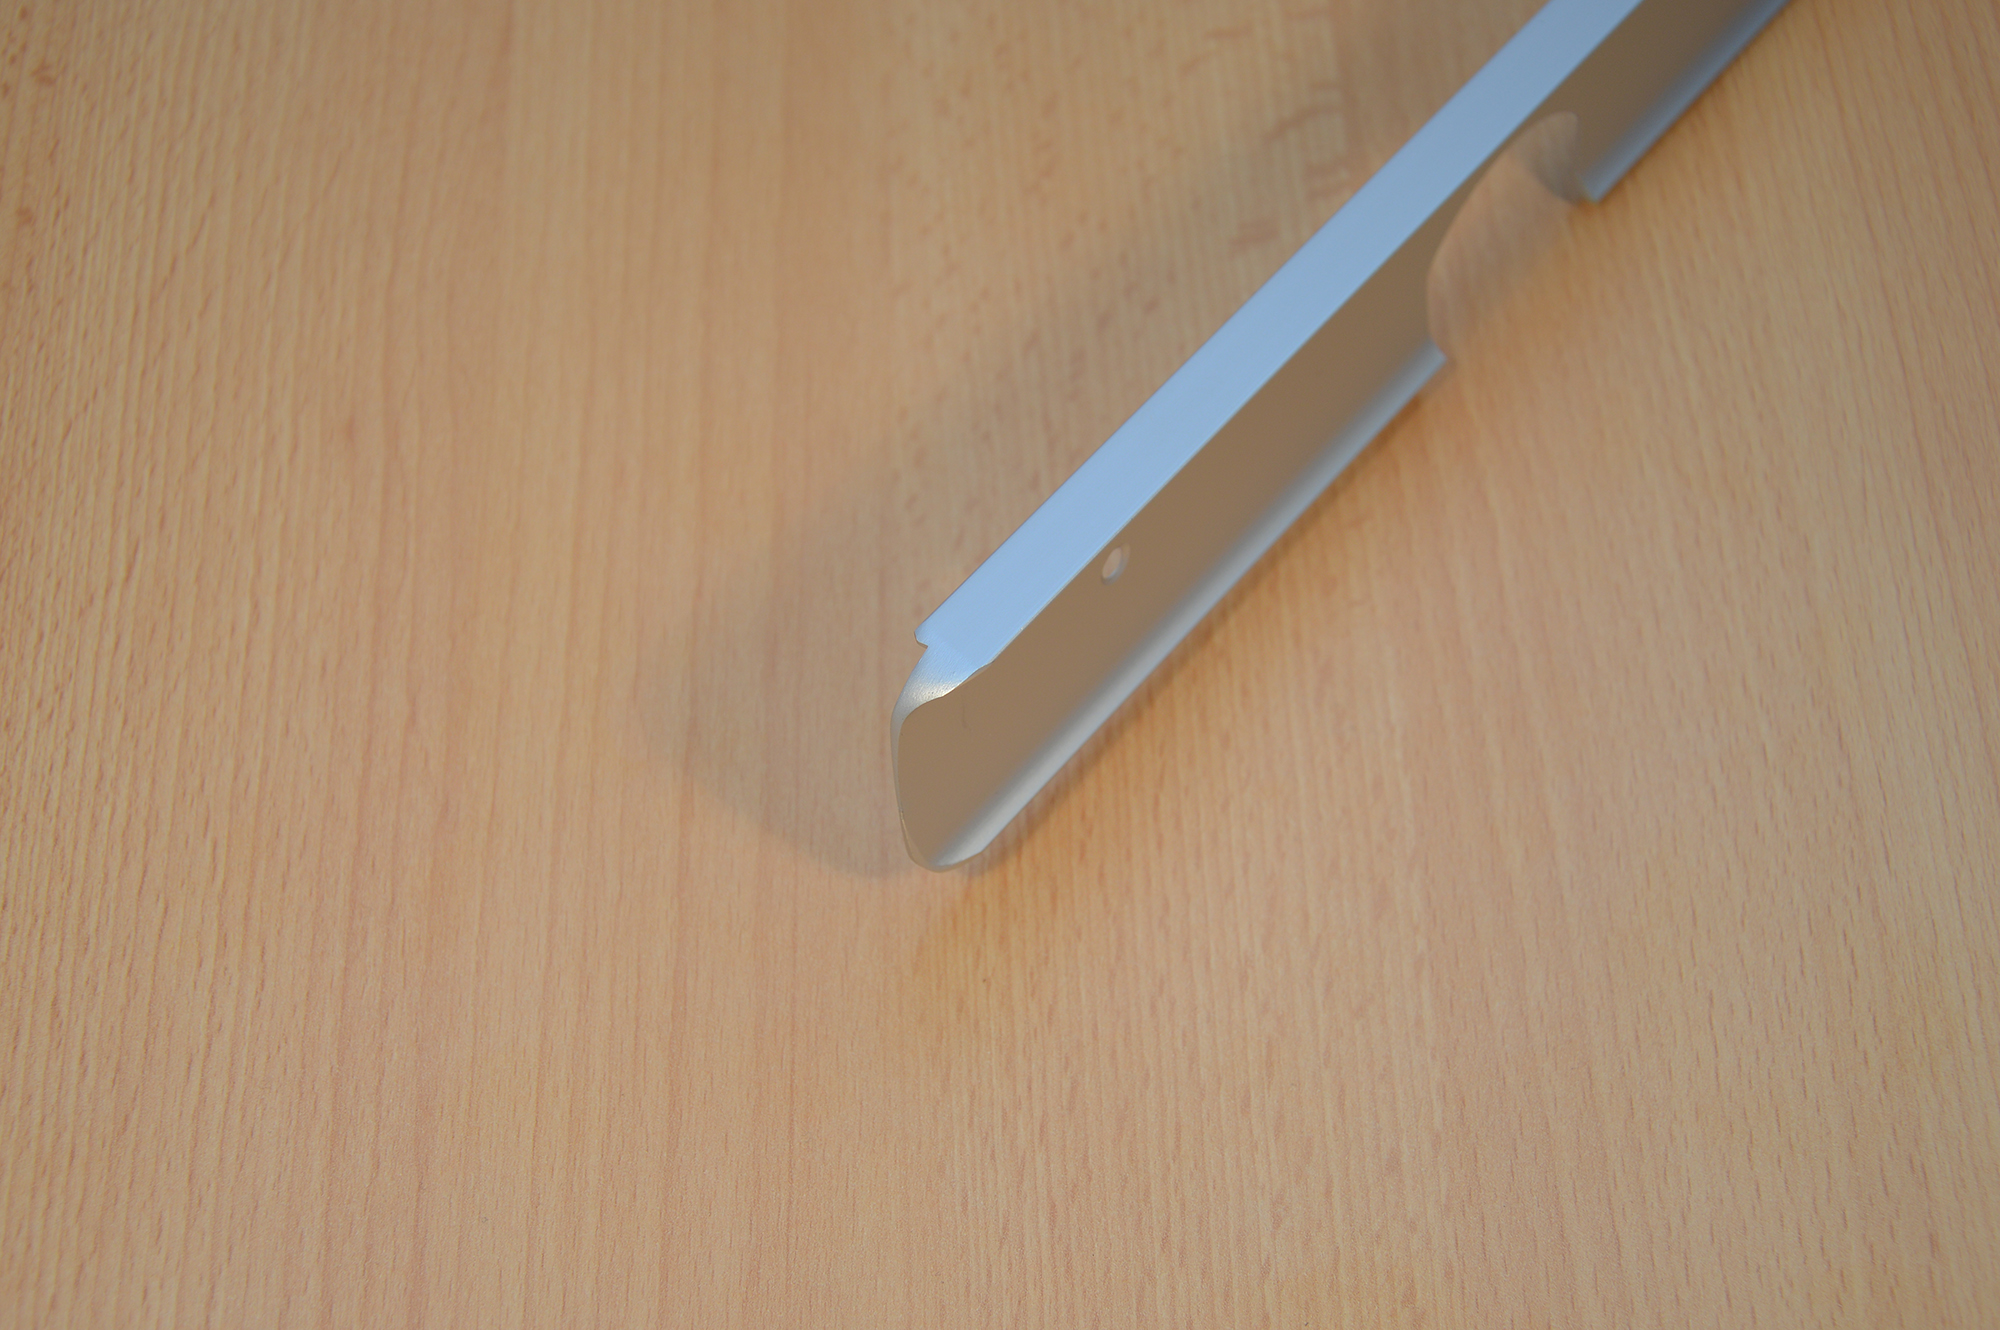 ABSCHLUSSLEISTE Winkelleisten Seiteleiste Arbeitsplatte Alu küche ... | {Küchenplatte abschlussleiste 25}